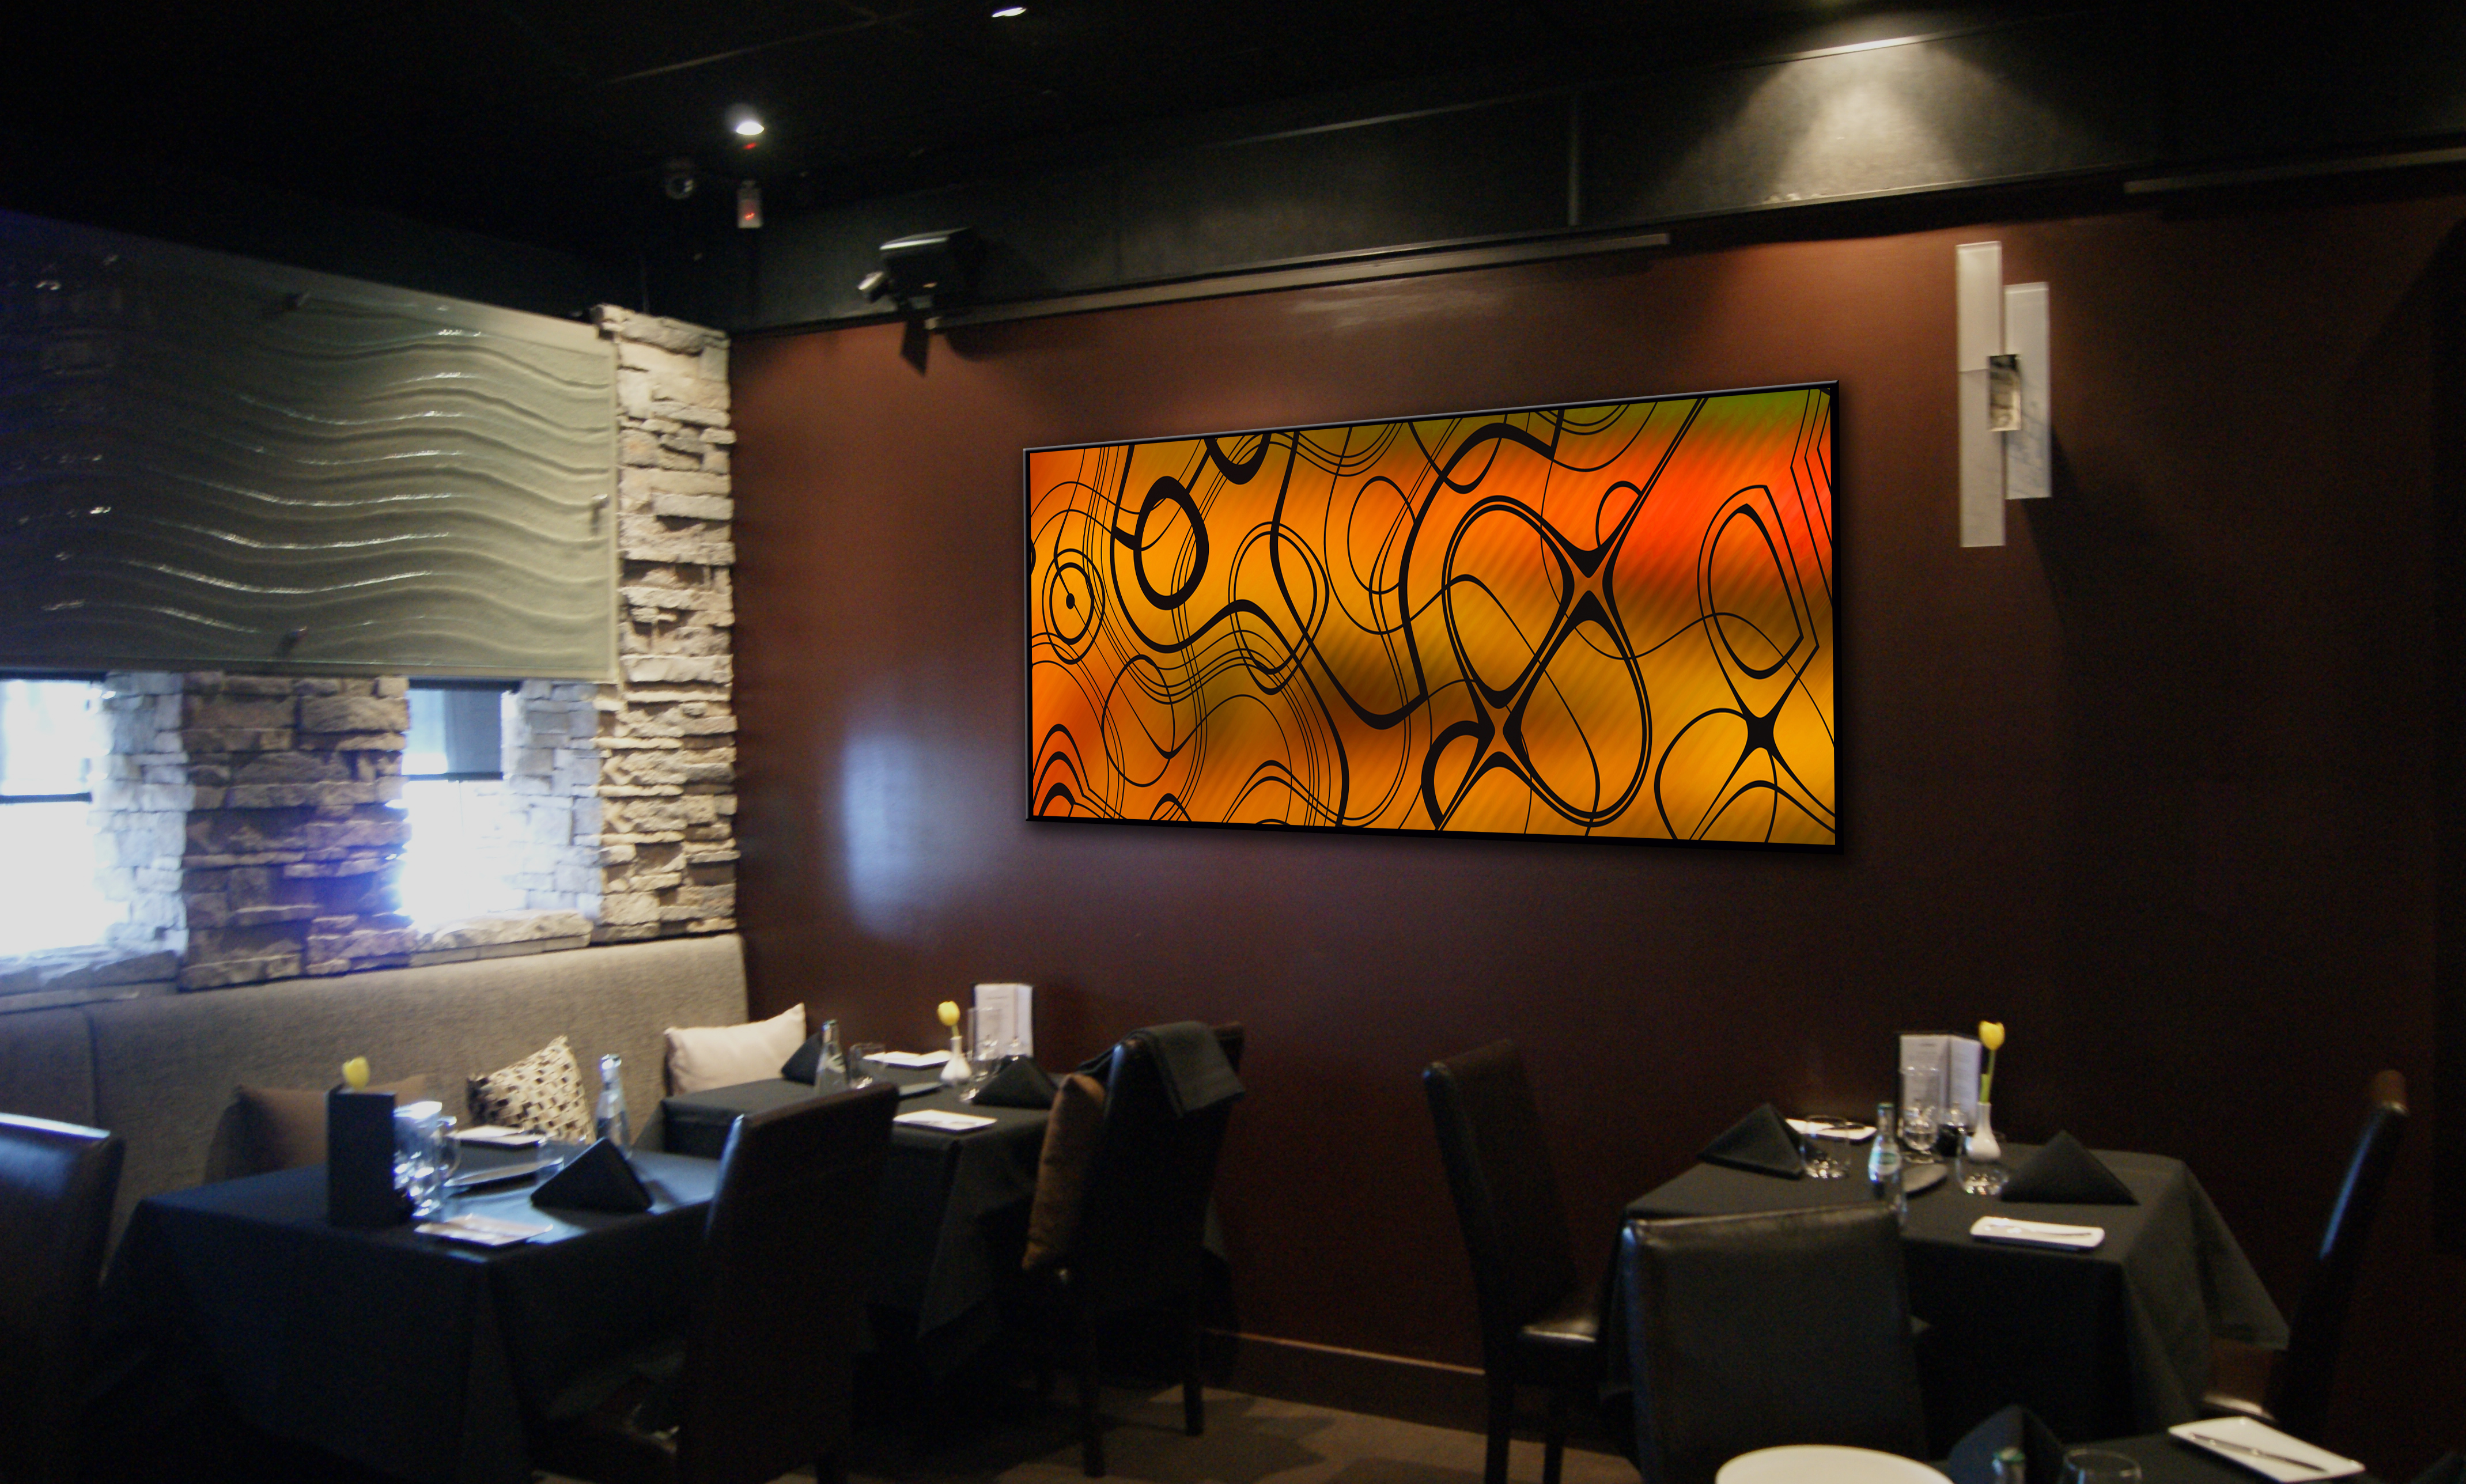 Great Best Wall Decor Restaurant 2020 Guide @house2homegoods.net